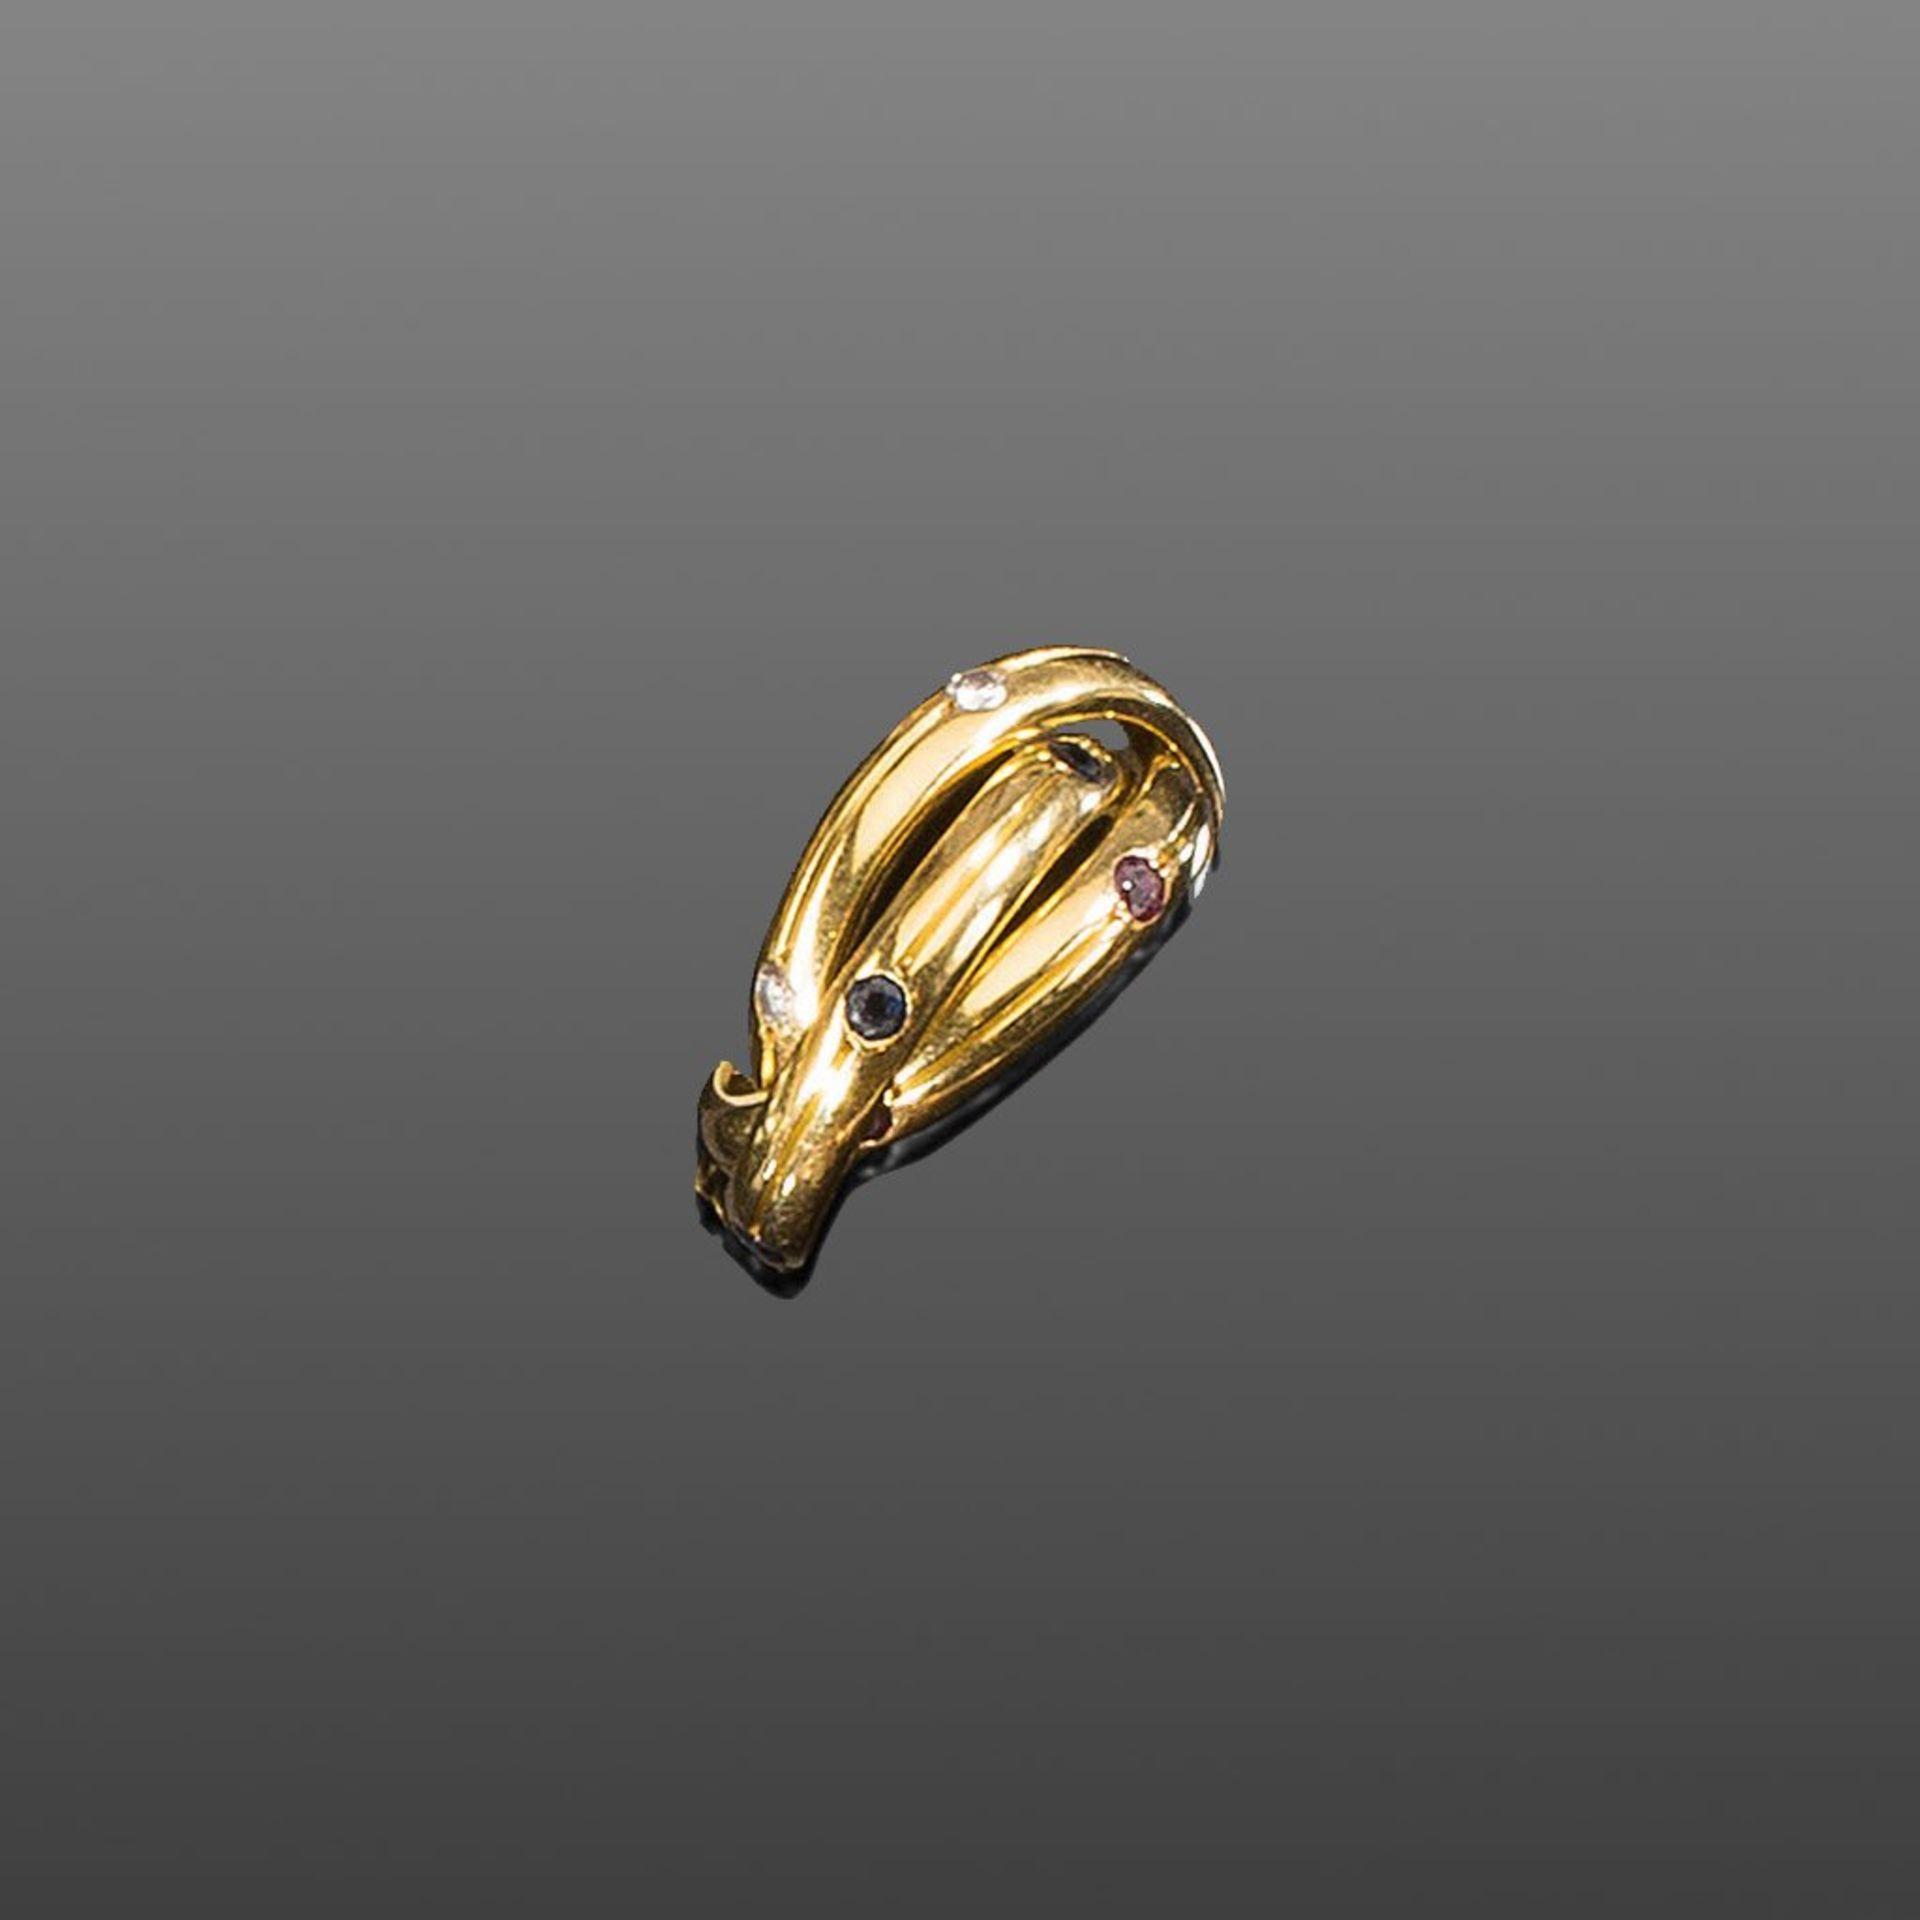 Dreifacher Cartier-Ring. Brillanten ca. 0,25 ct. Rubine und blaue Saphire. 18 ct. GG. Meistermarke